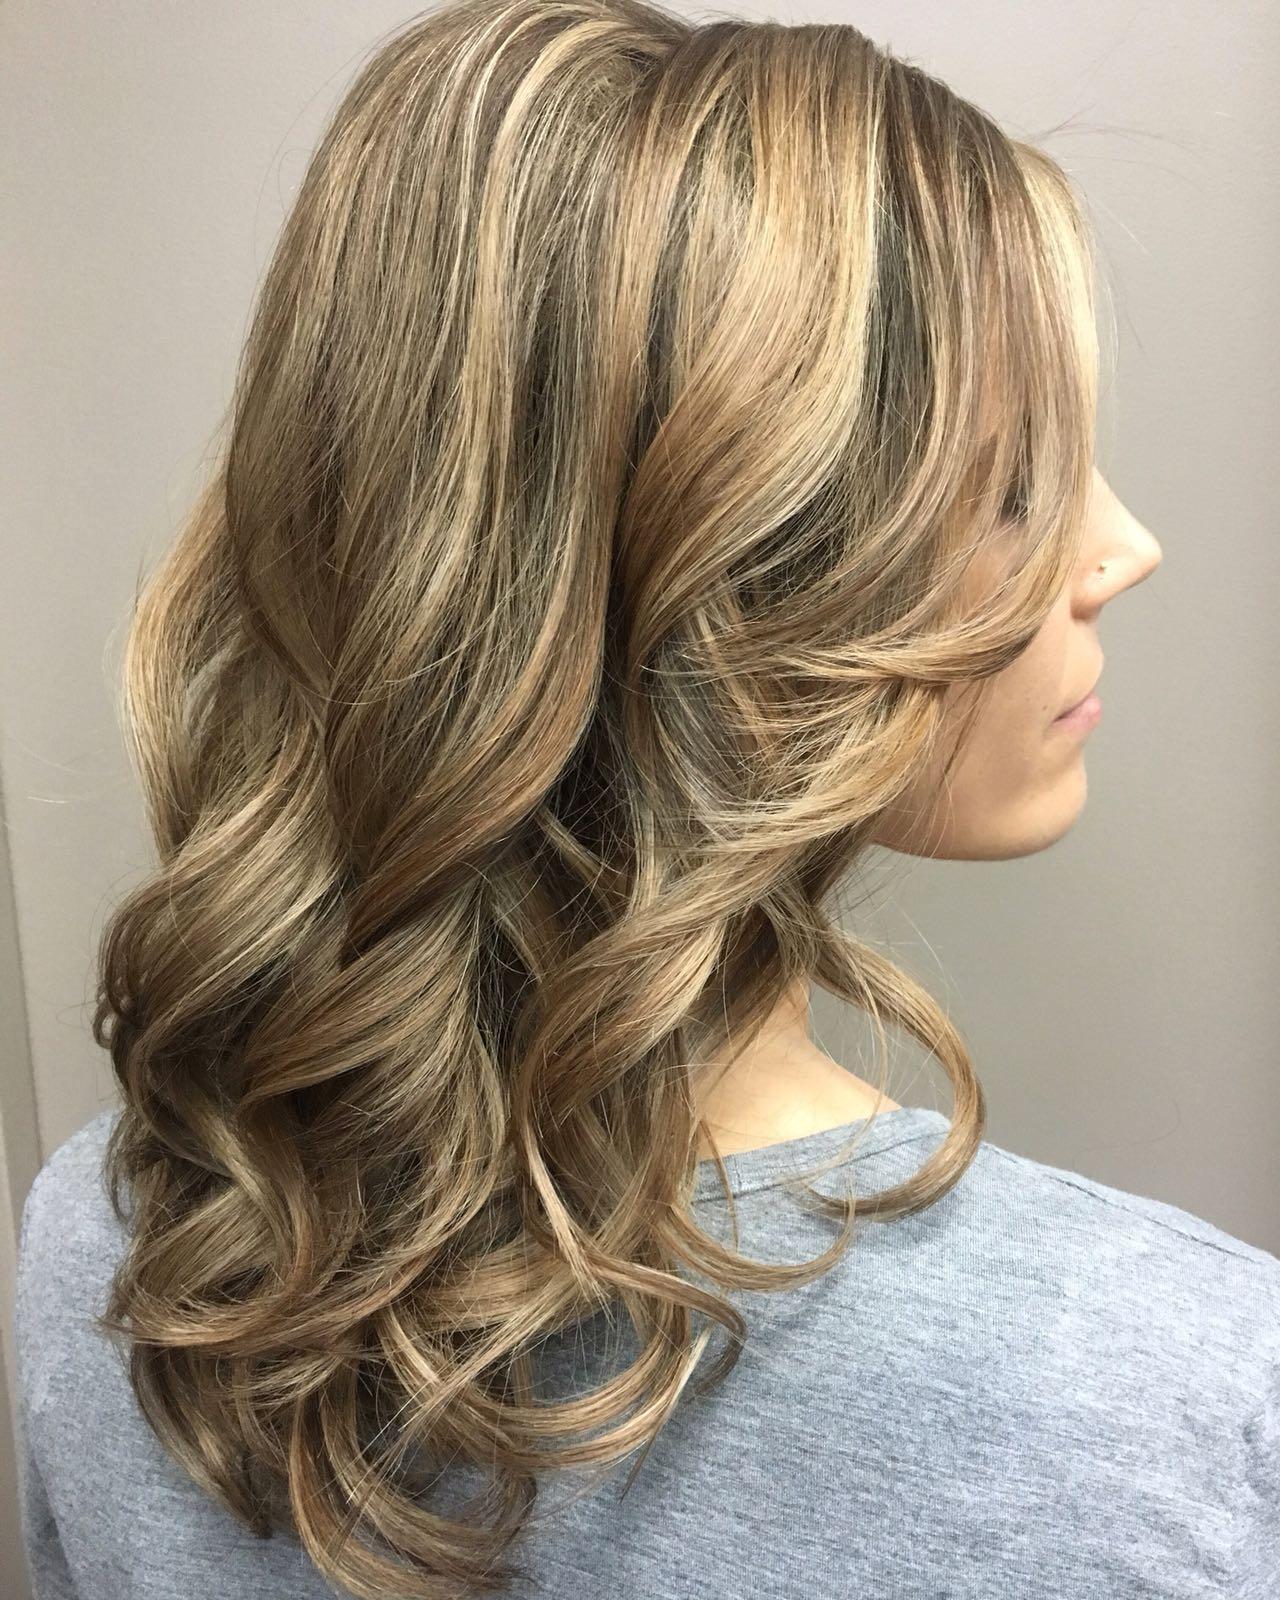 Blonde hair at hairstyle inn saskatoon